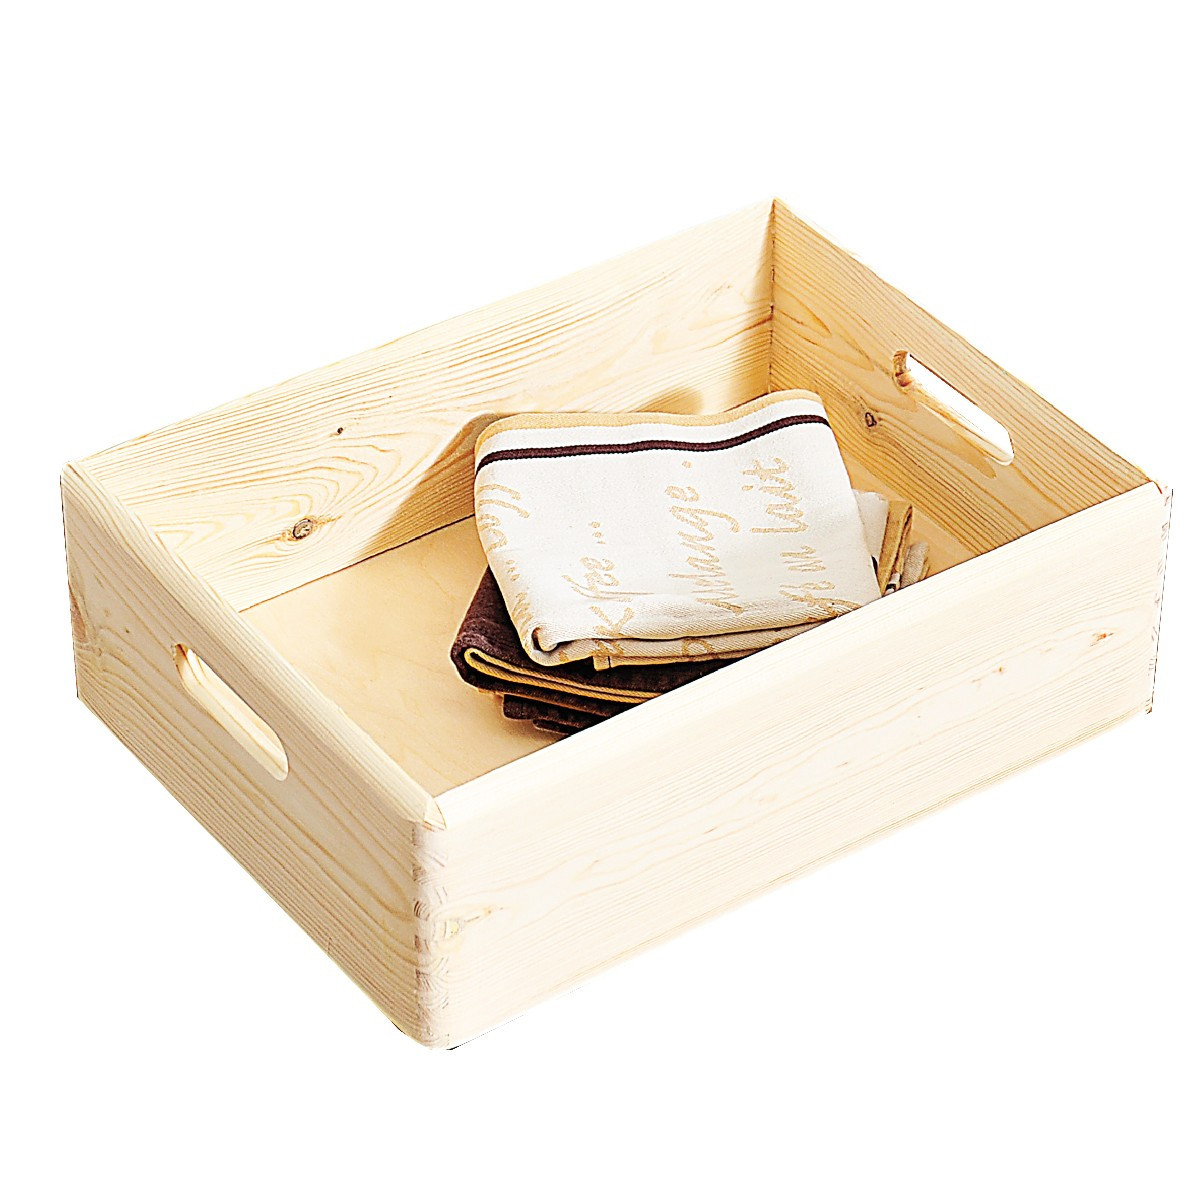 caisse de rangement cuisine en bois. Black Bedroom Furniture Sets. Home Design Ideas